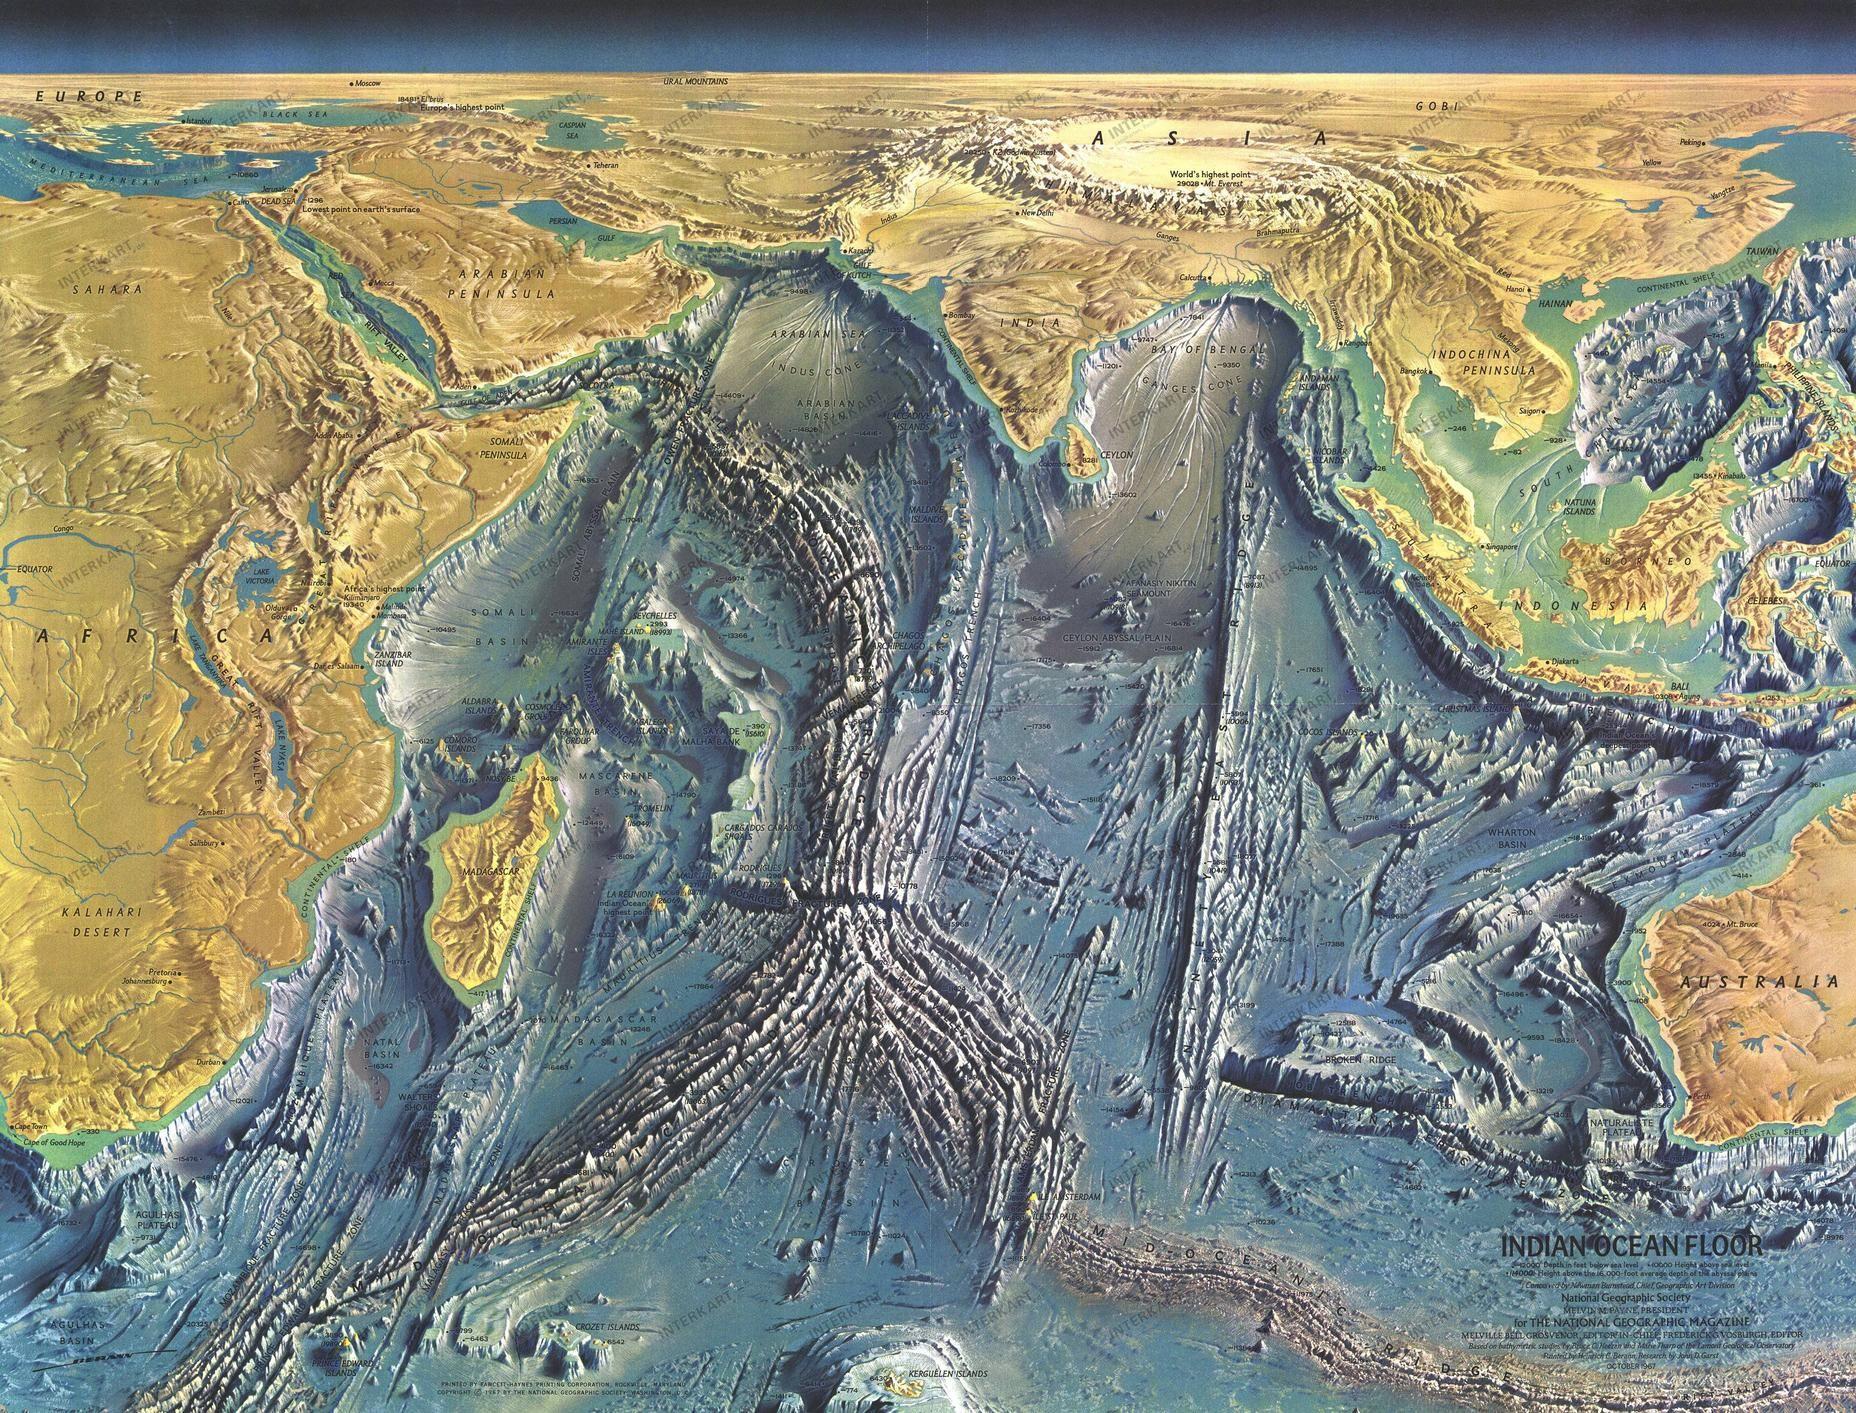 Indian Ocean Floor By Natgeo 1967 Map Indianocean Bathymetry